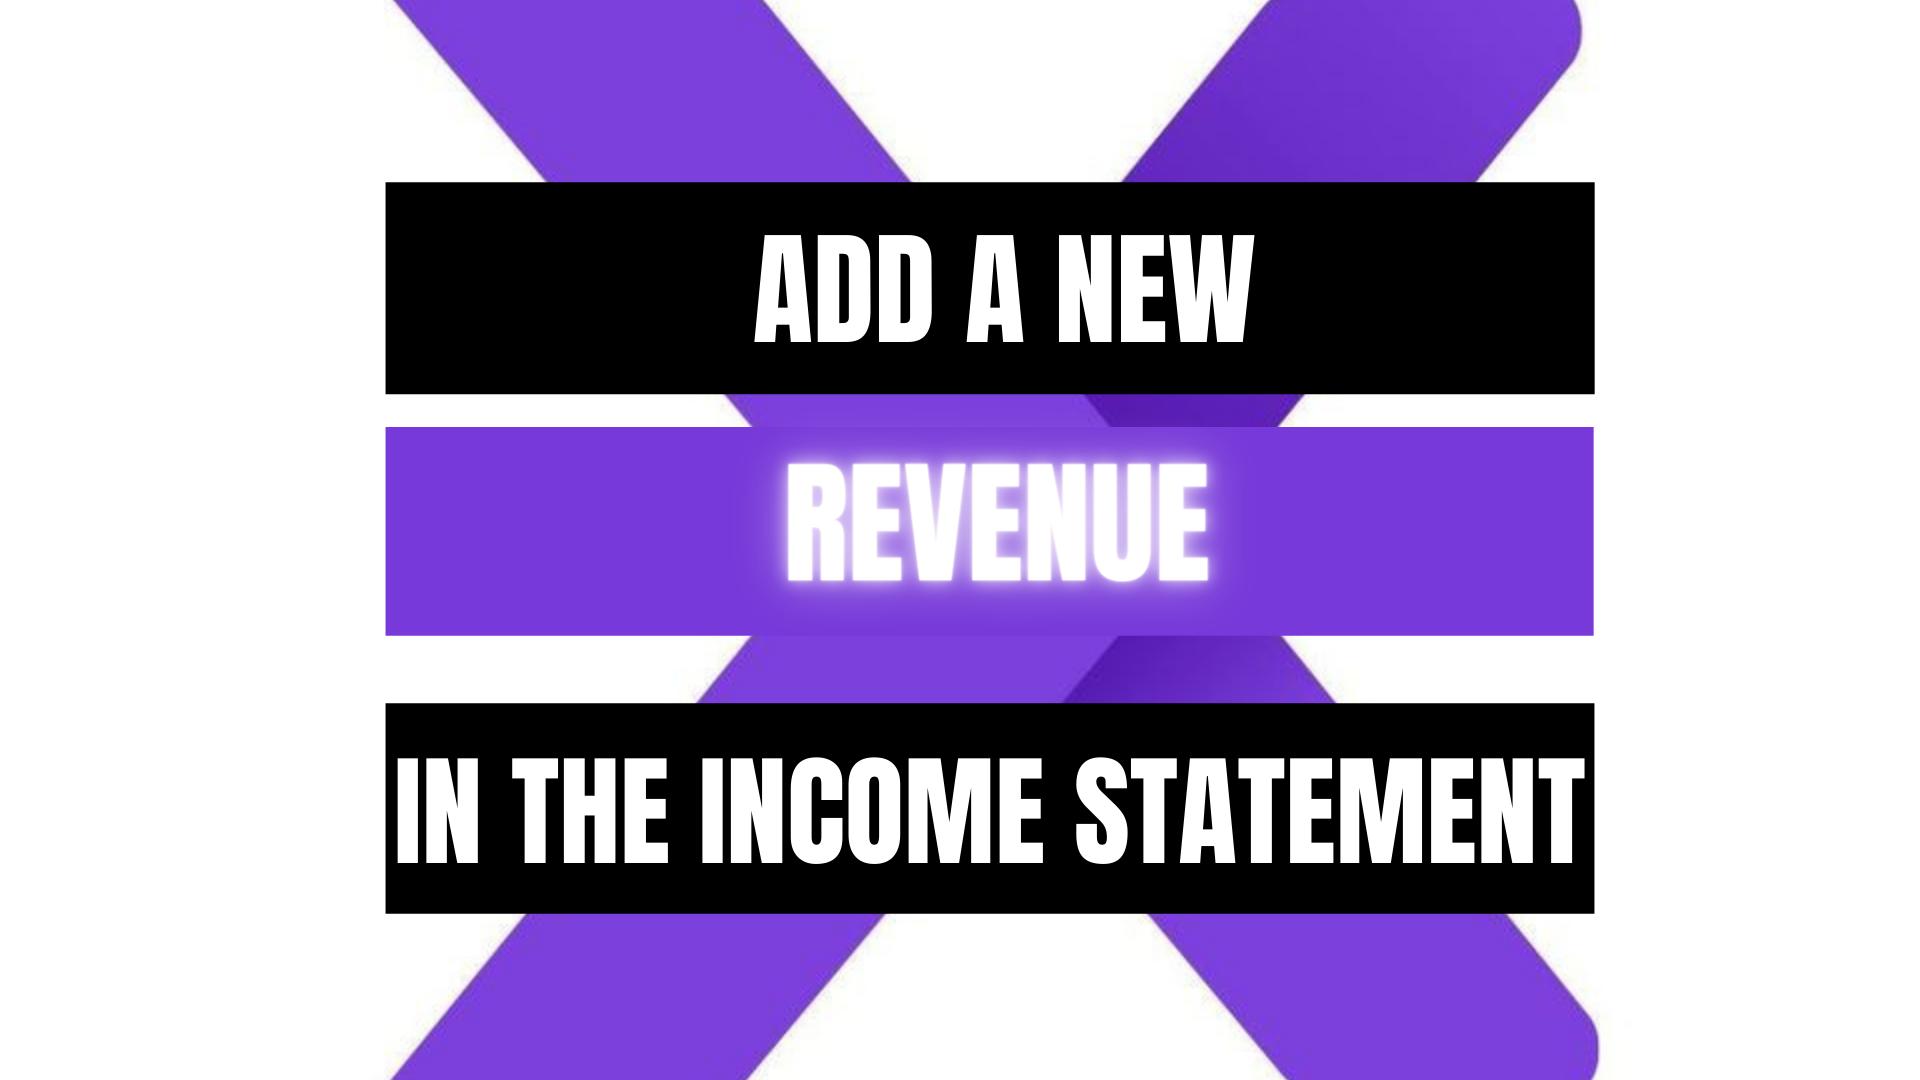 Peekaboox - Add New Revenue